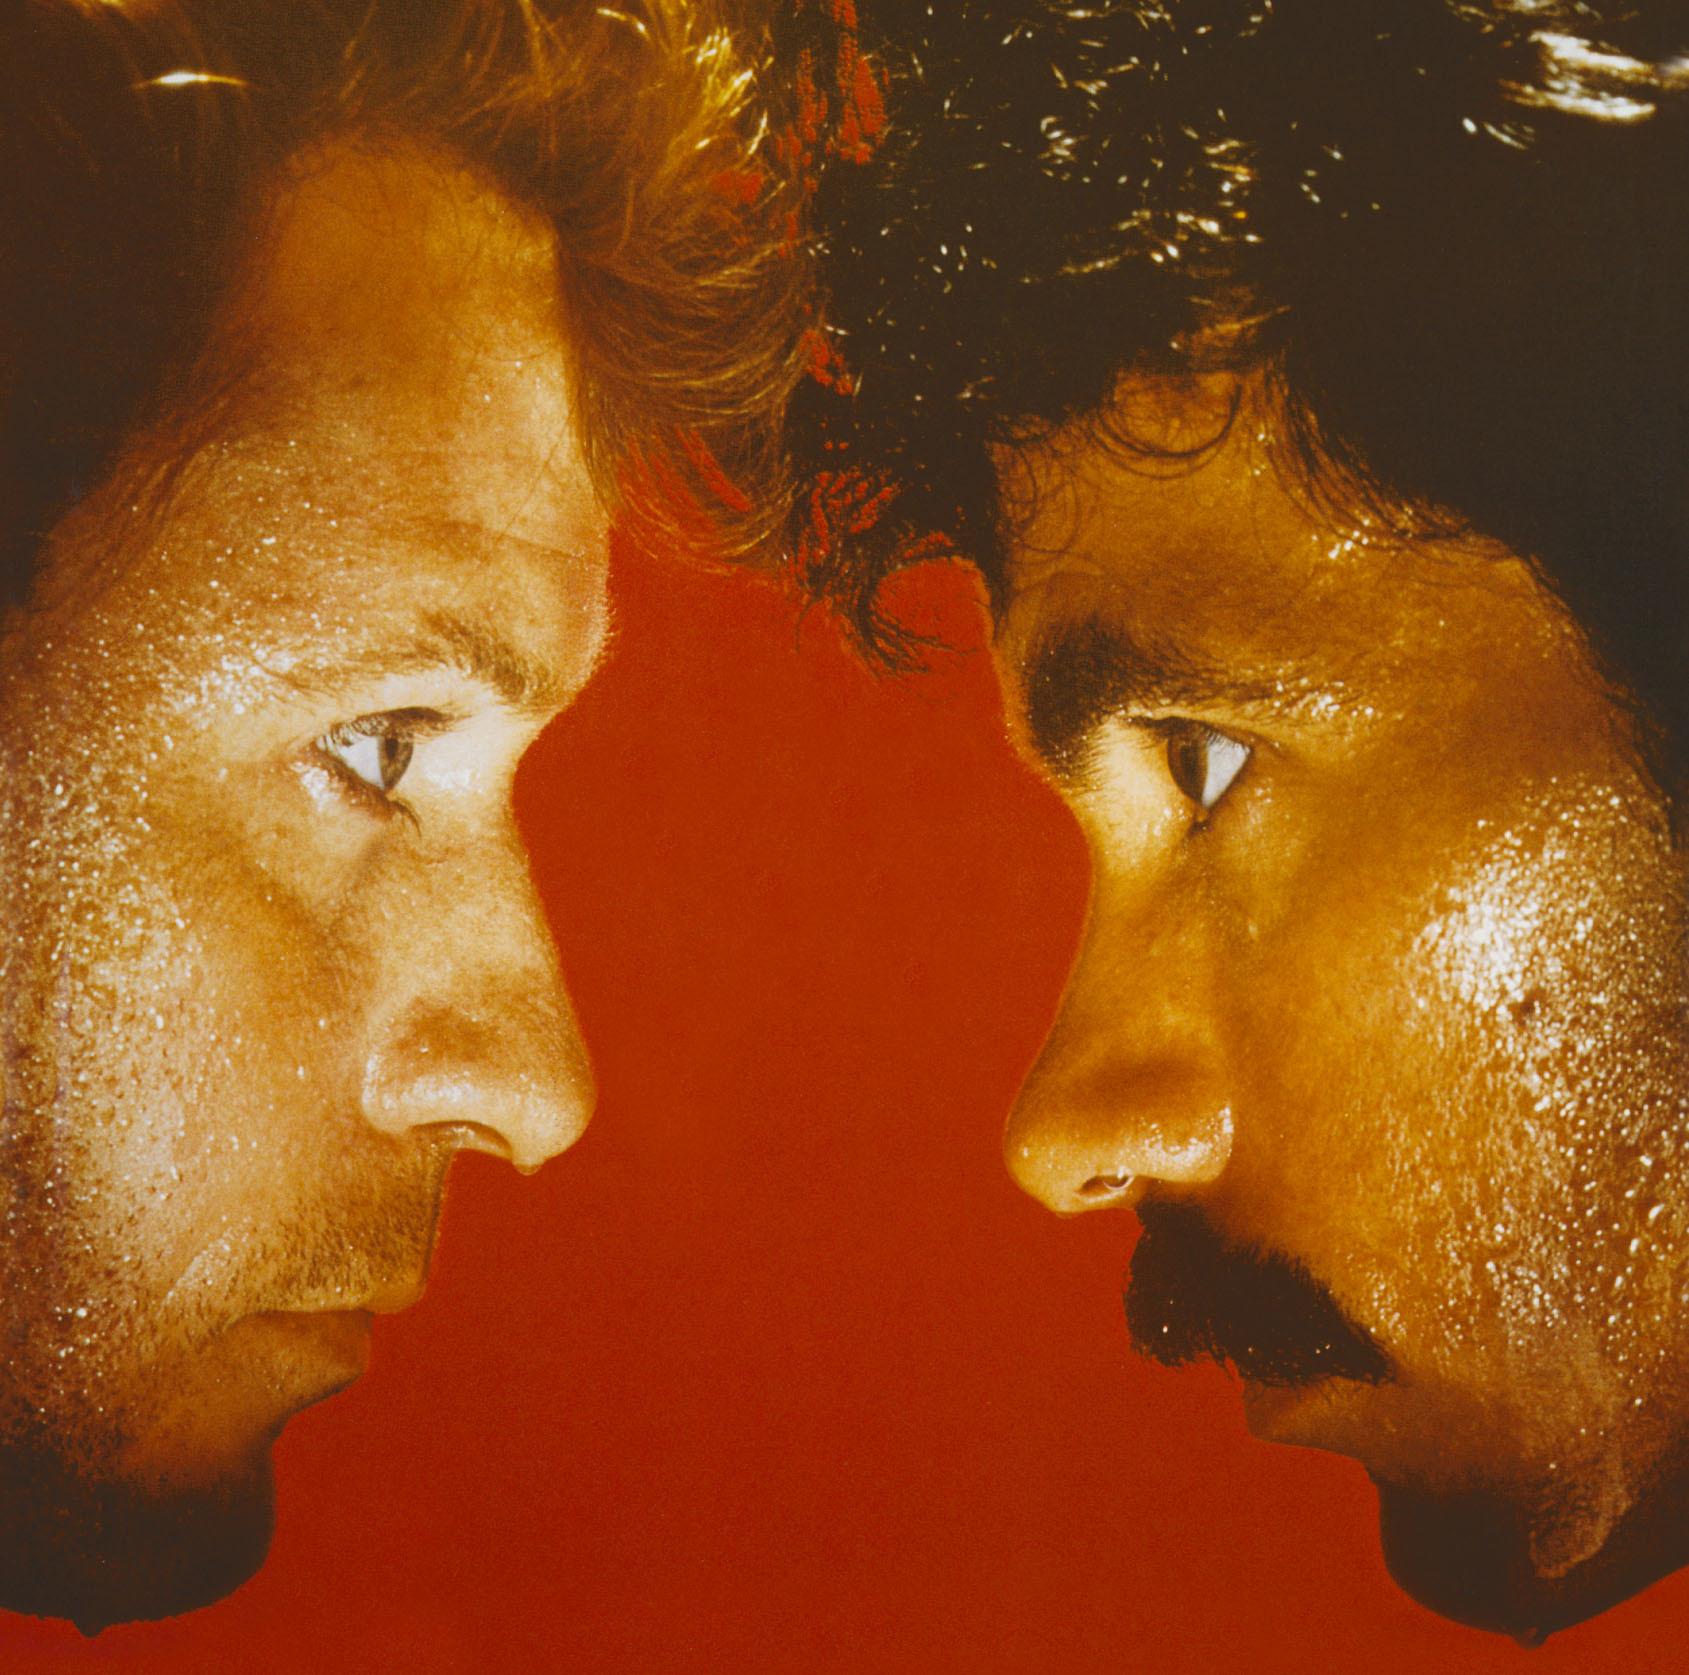 第27回 ダリル・ホール&ジョン・オーツ 「マンイーター」(1982年 ...